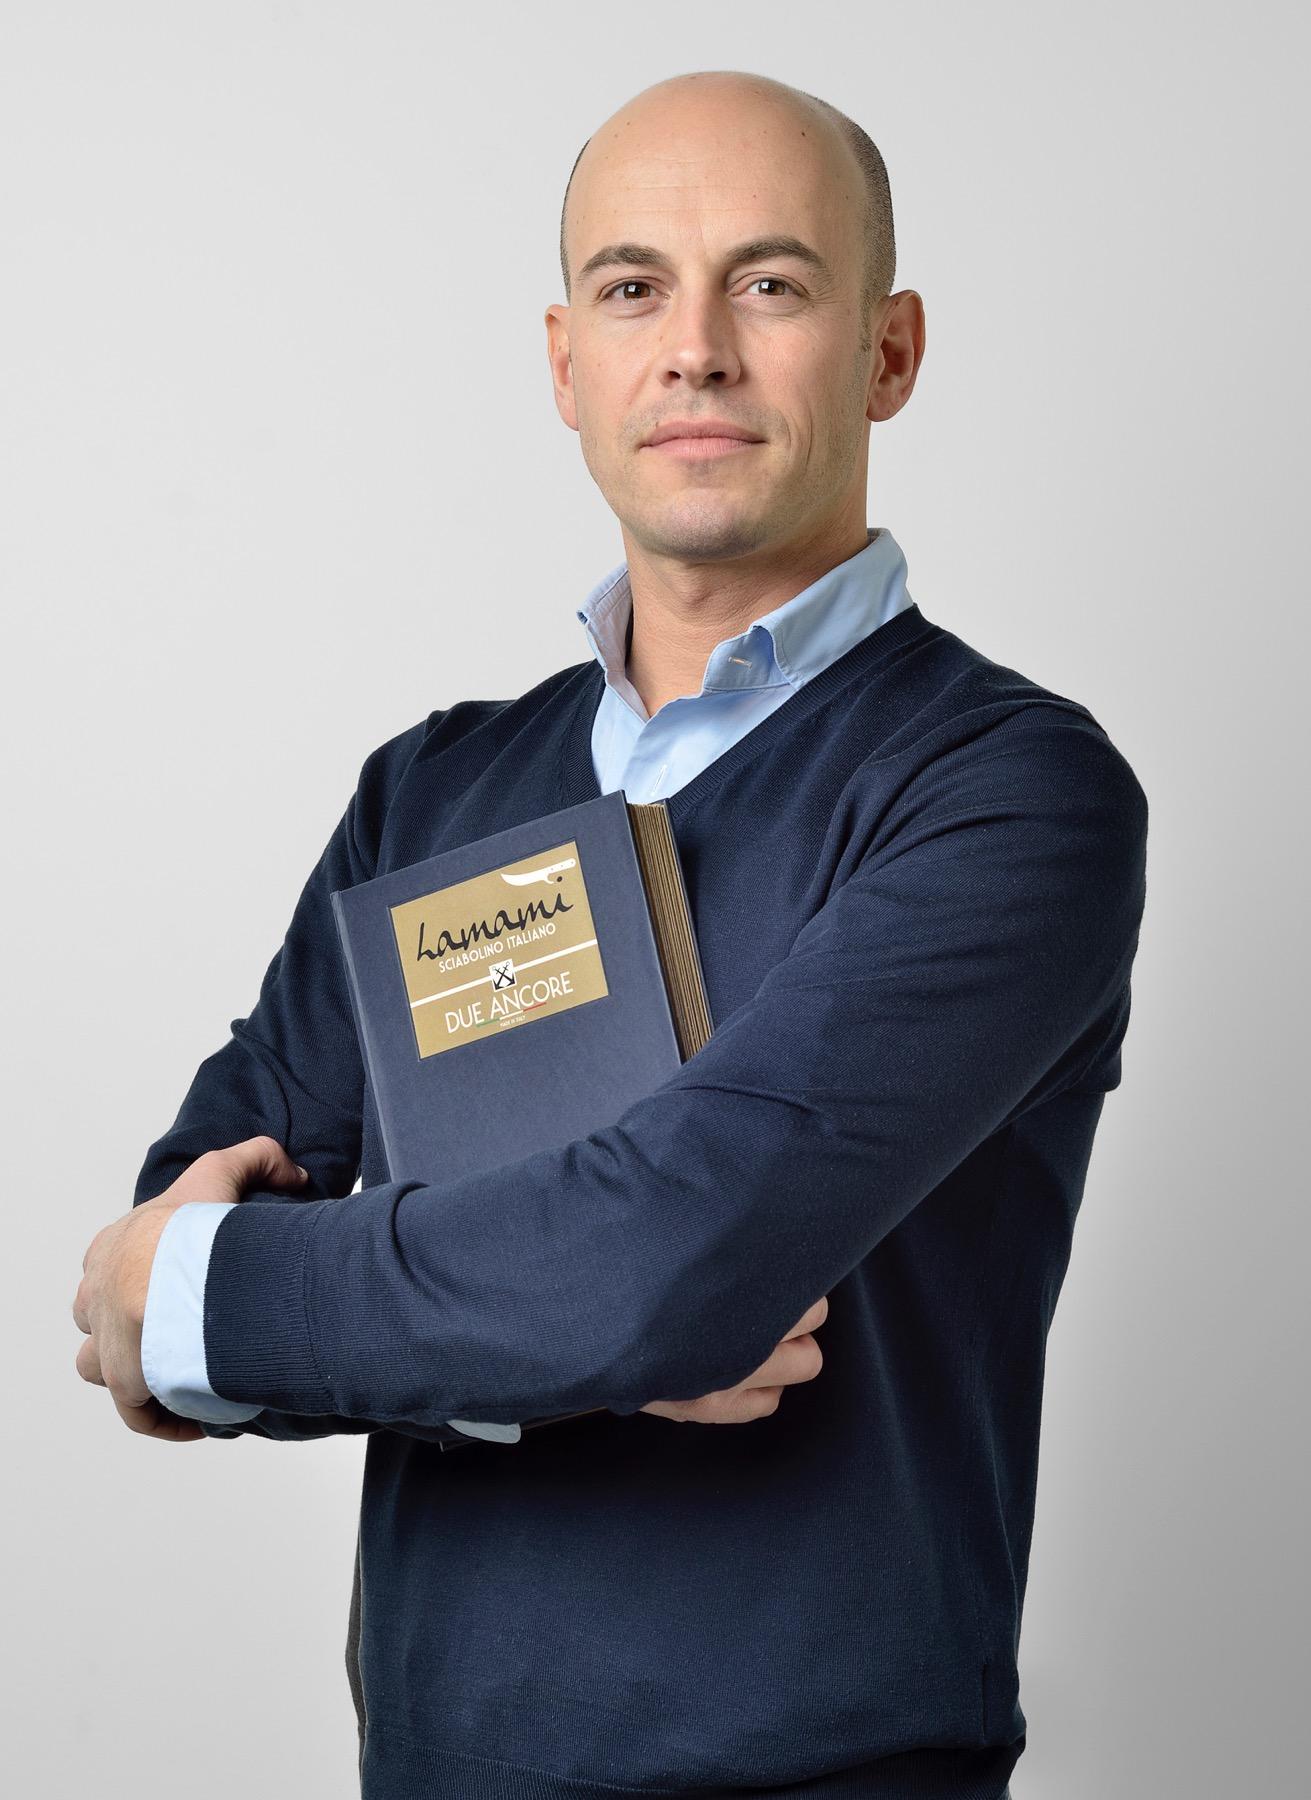 Andrea Girolami, attuale titolare dell'azienda